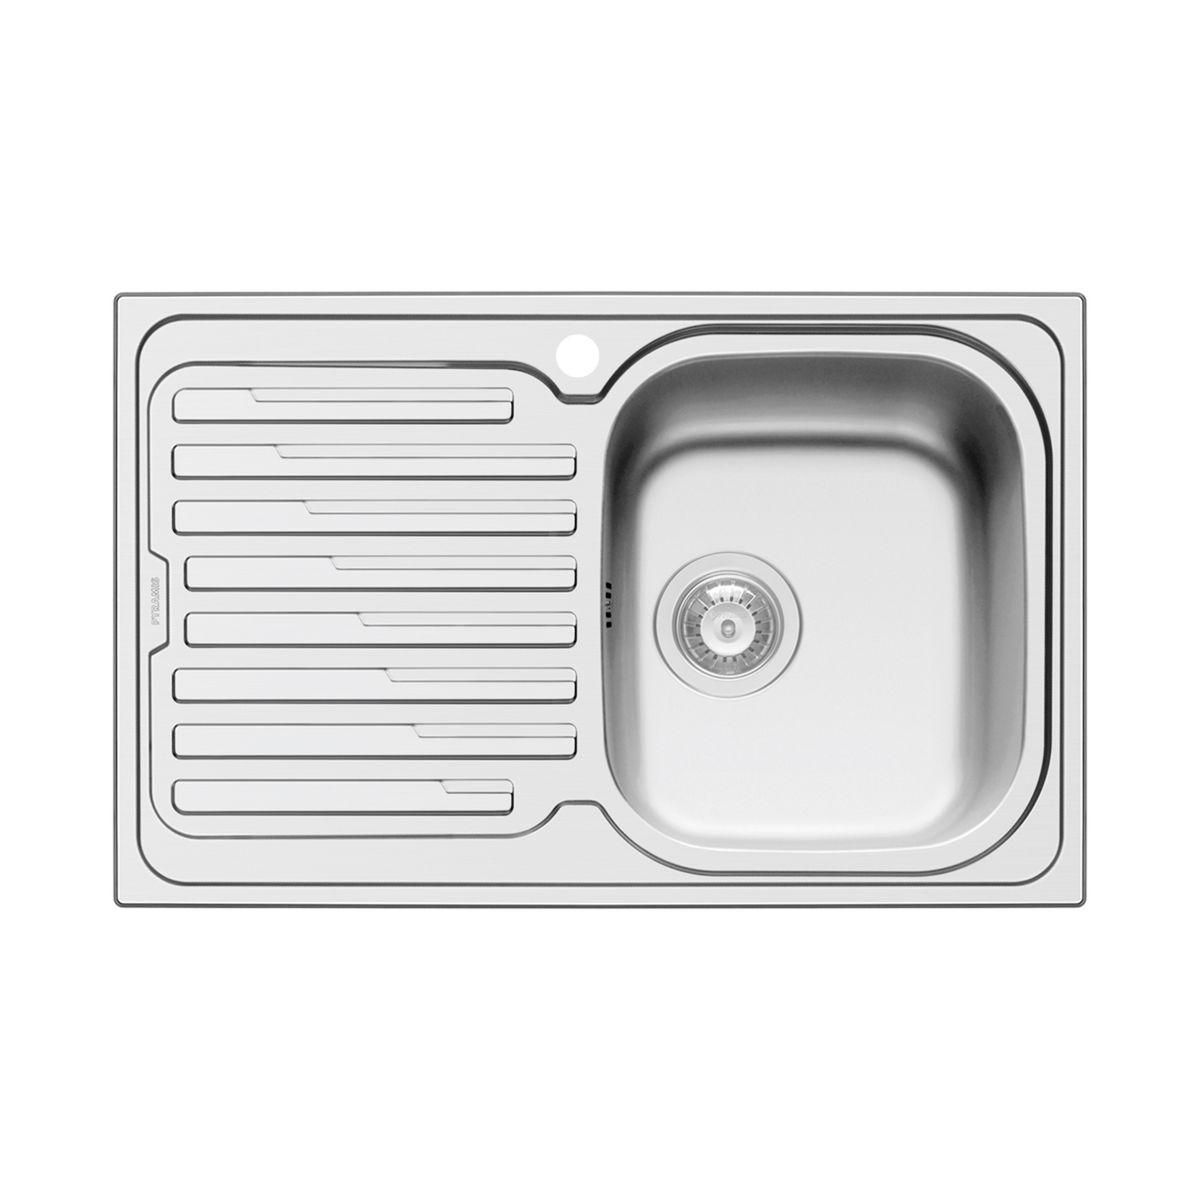 Emejing misure lavello cucina una vasca ideas ideas - Lavandino incasso cucina ...